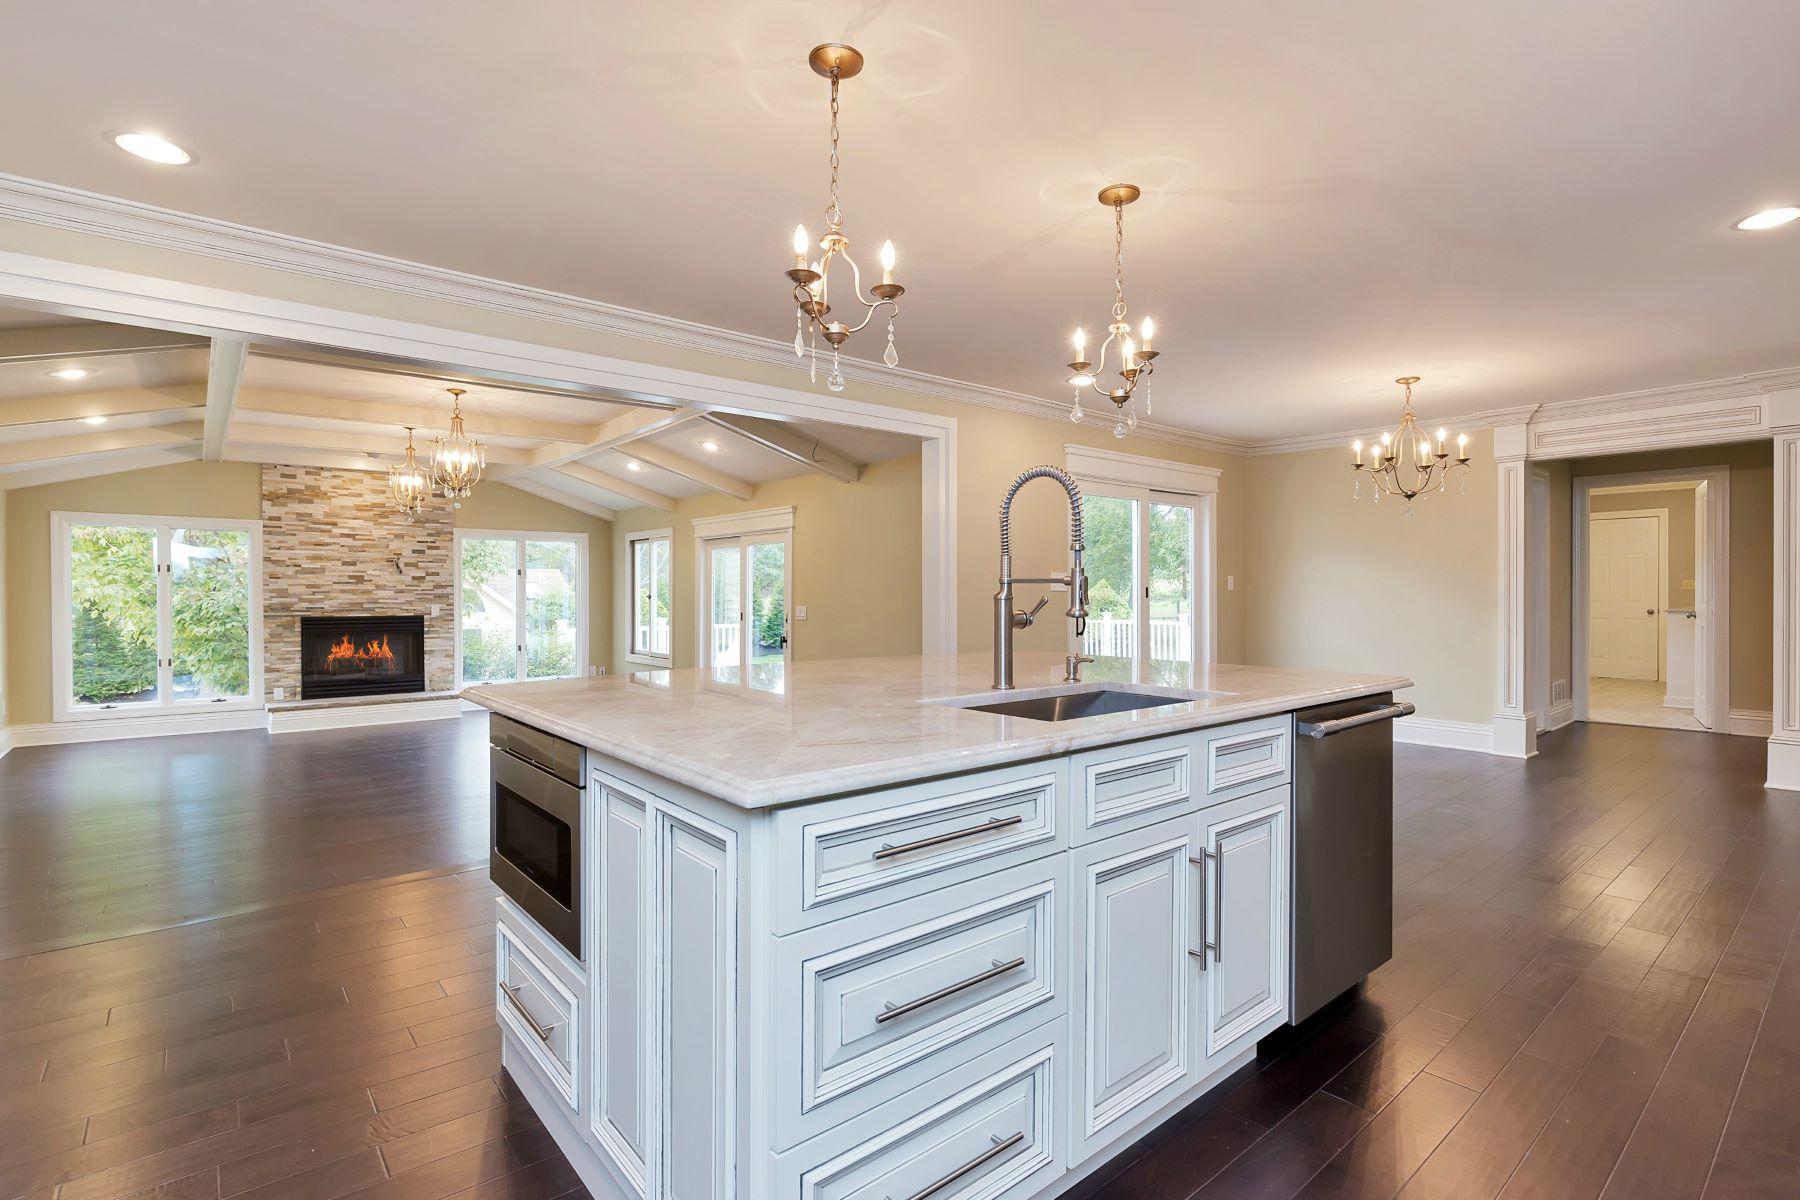 独户住宅 为 销售 在 Elegant Custom Colonial 12 Meadowview Drive Colts Neck, 新泽西州 07722 美国